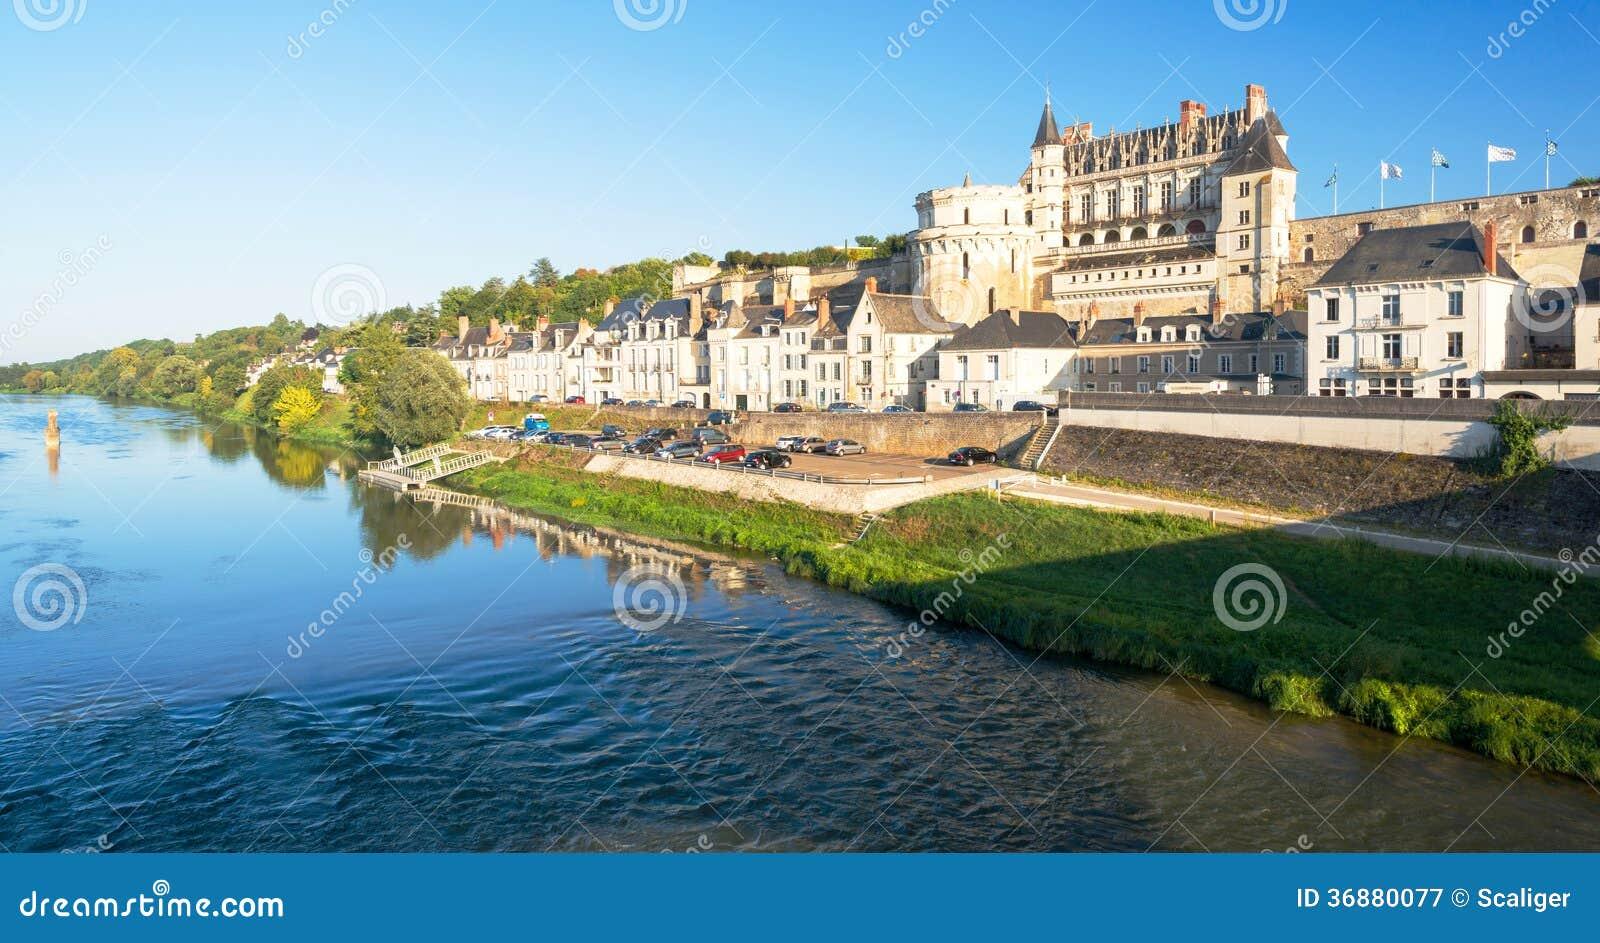 Download D'Amboise Del Castello Sul Fiume La Loira, Francia Immagine Stock - Immagine di giardino, fortress: 36880077